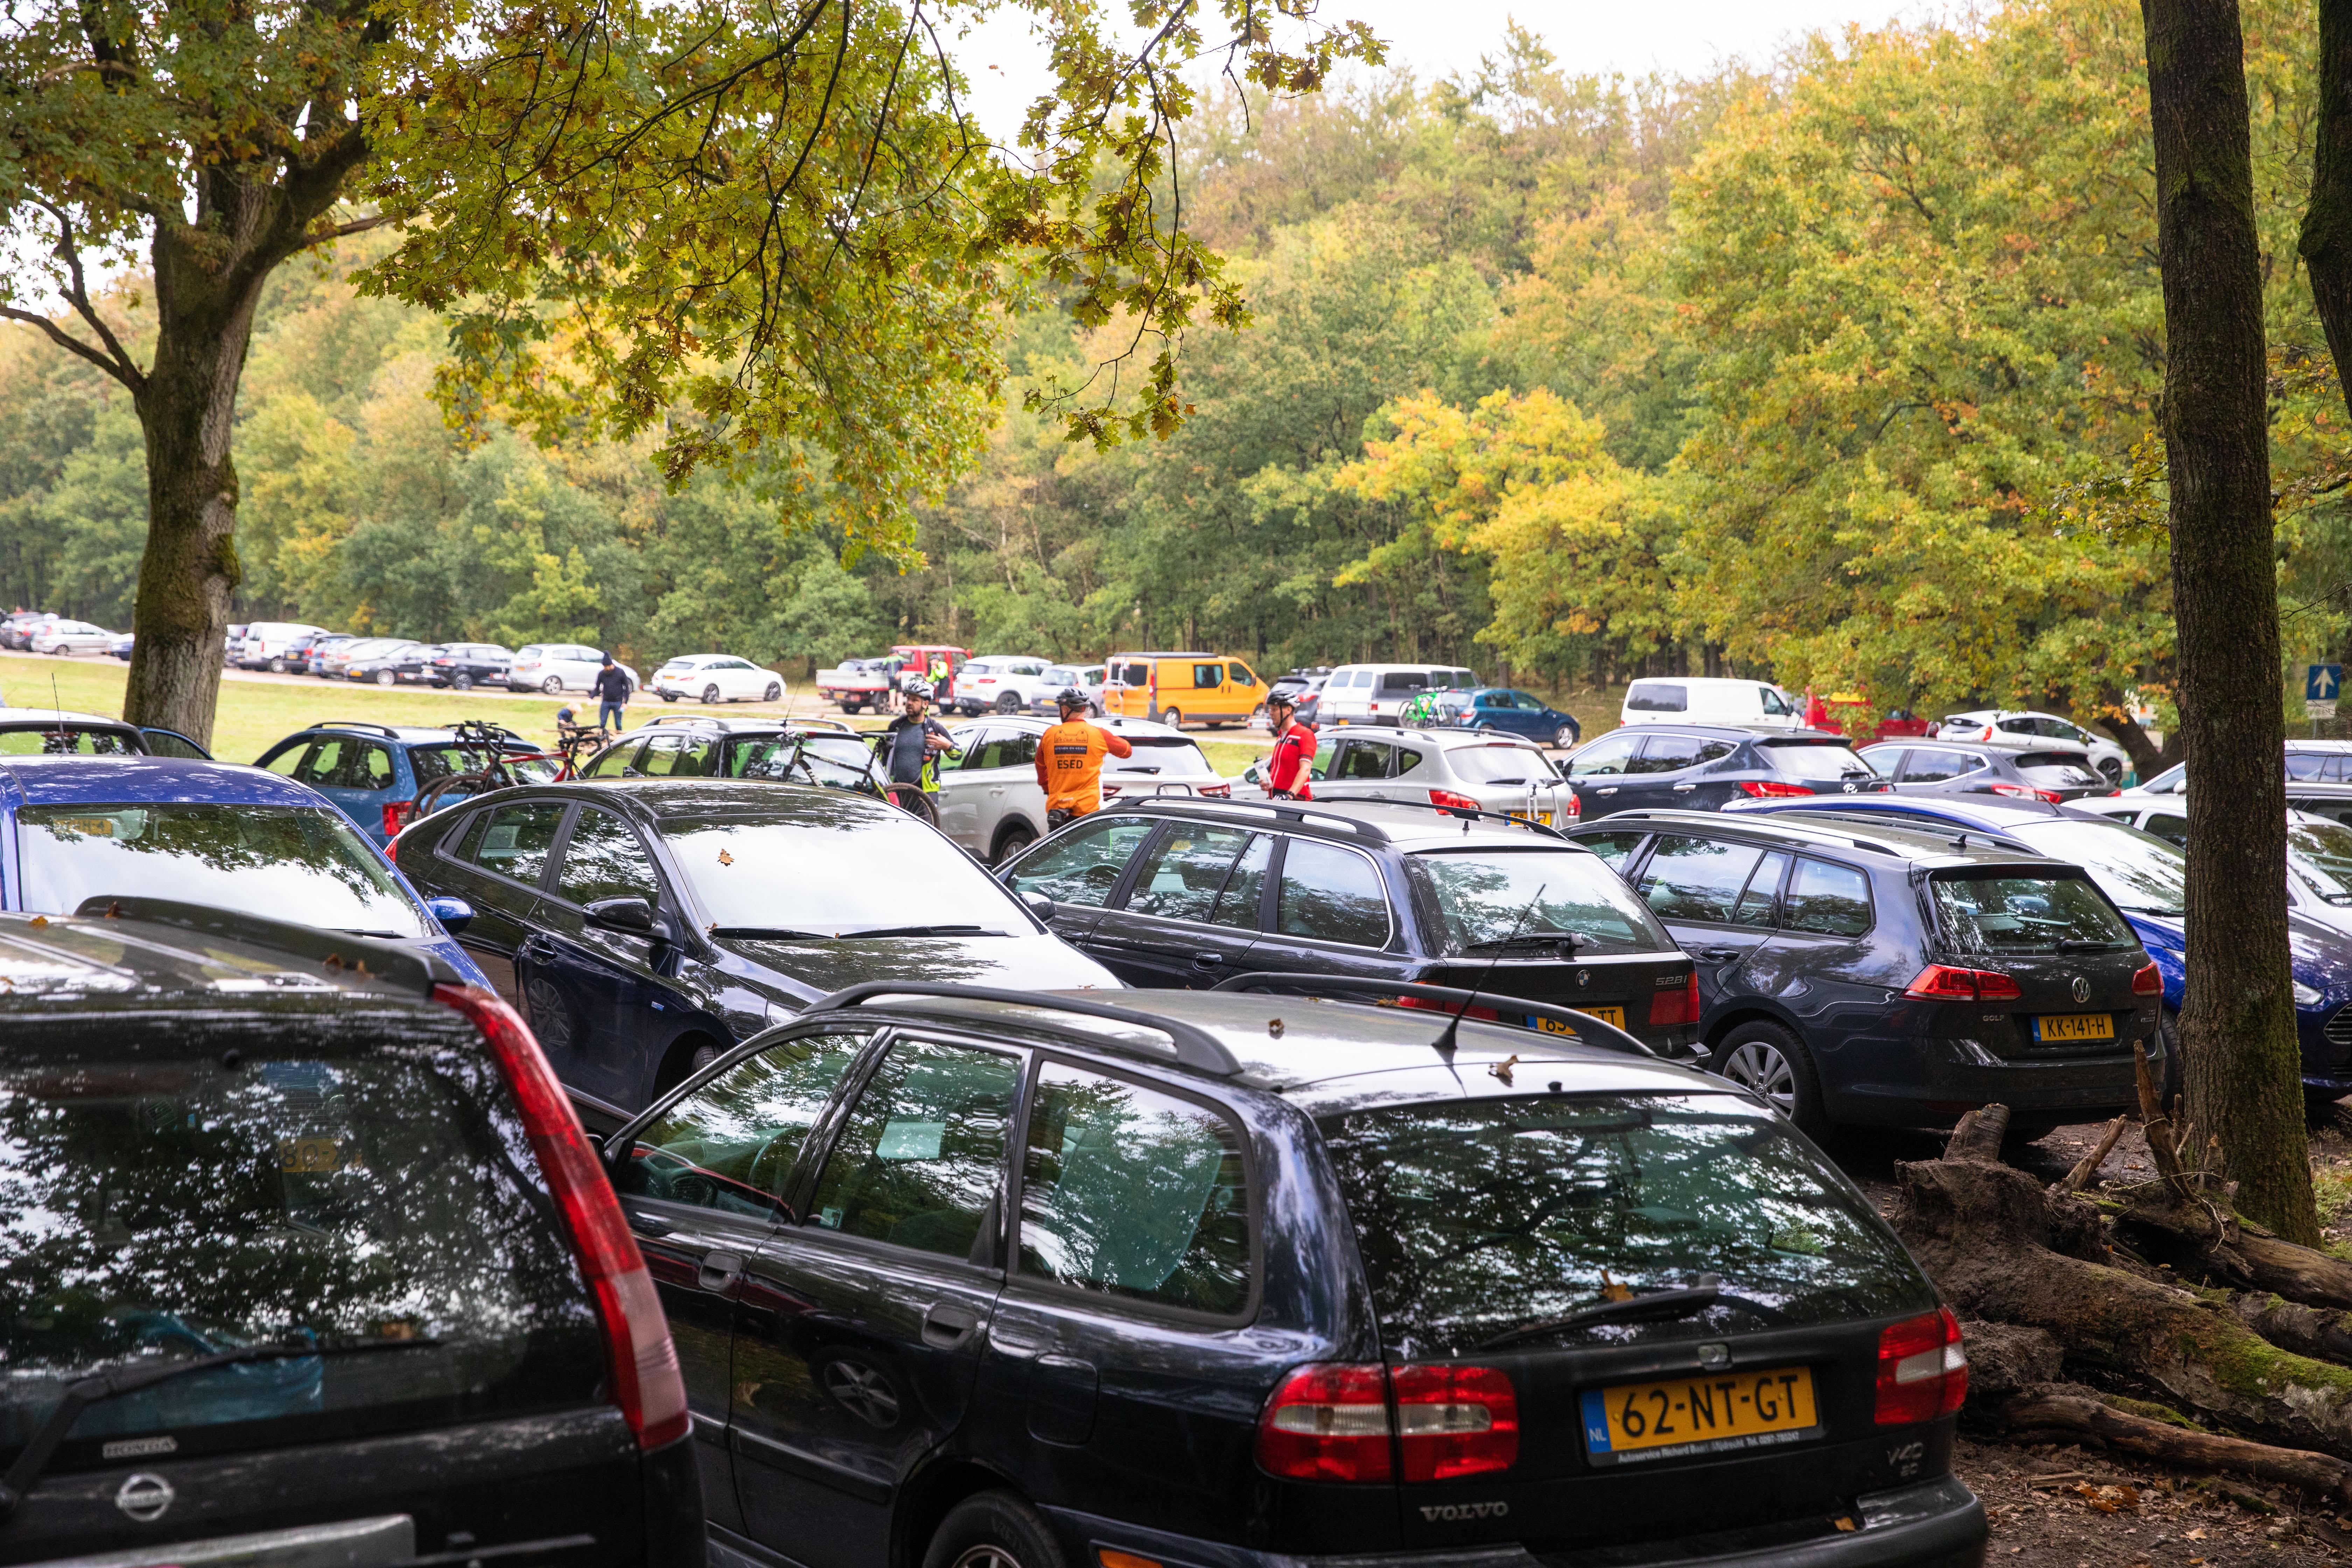 Natuurorganisaties slaan alarm: 'Utrechtse natuur staat onder druk en hier en daar op omvallen, extra natuur- en recreatiegebieden dringend noodzakelijk'